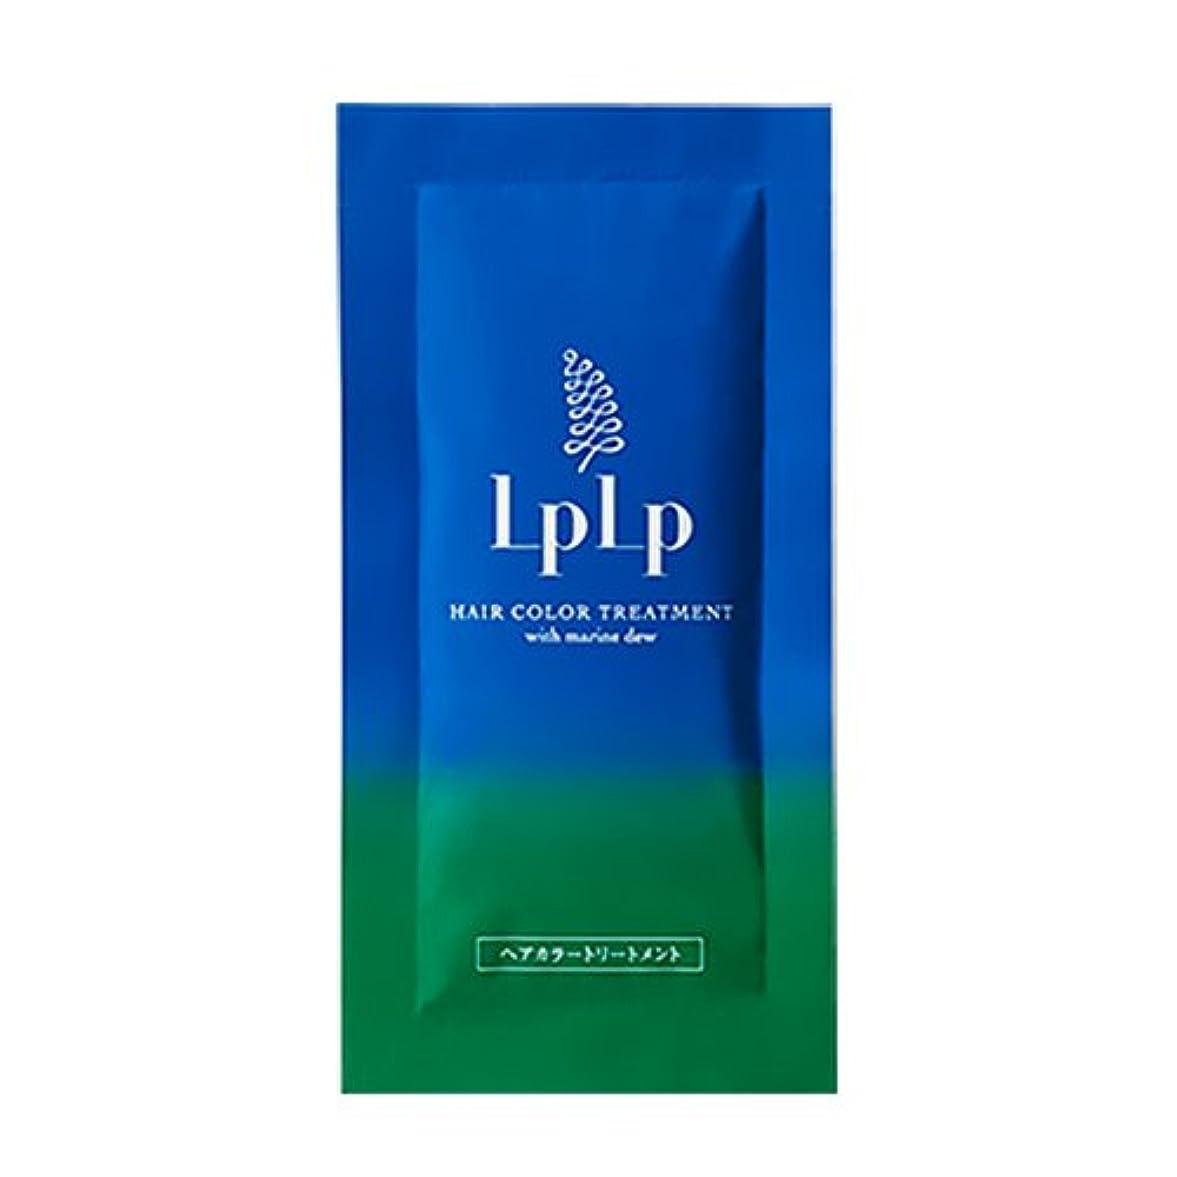 ペパーミント業界測定可能LPLP(ルプルプ)ヘアカラートリートメントお試しパウチ ソフトブラック